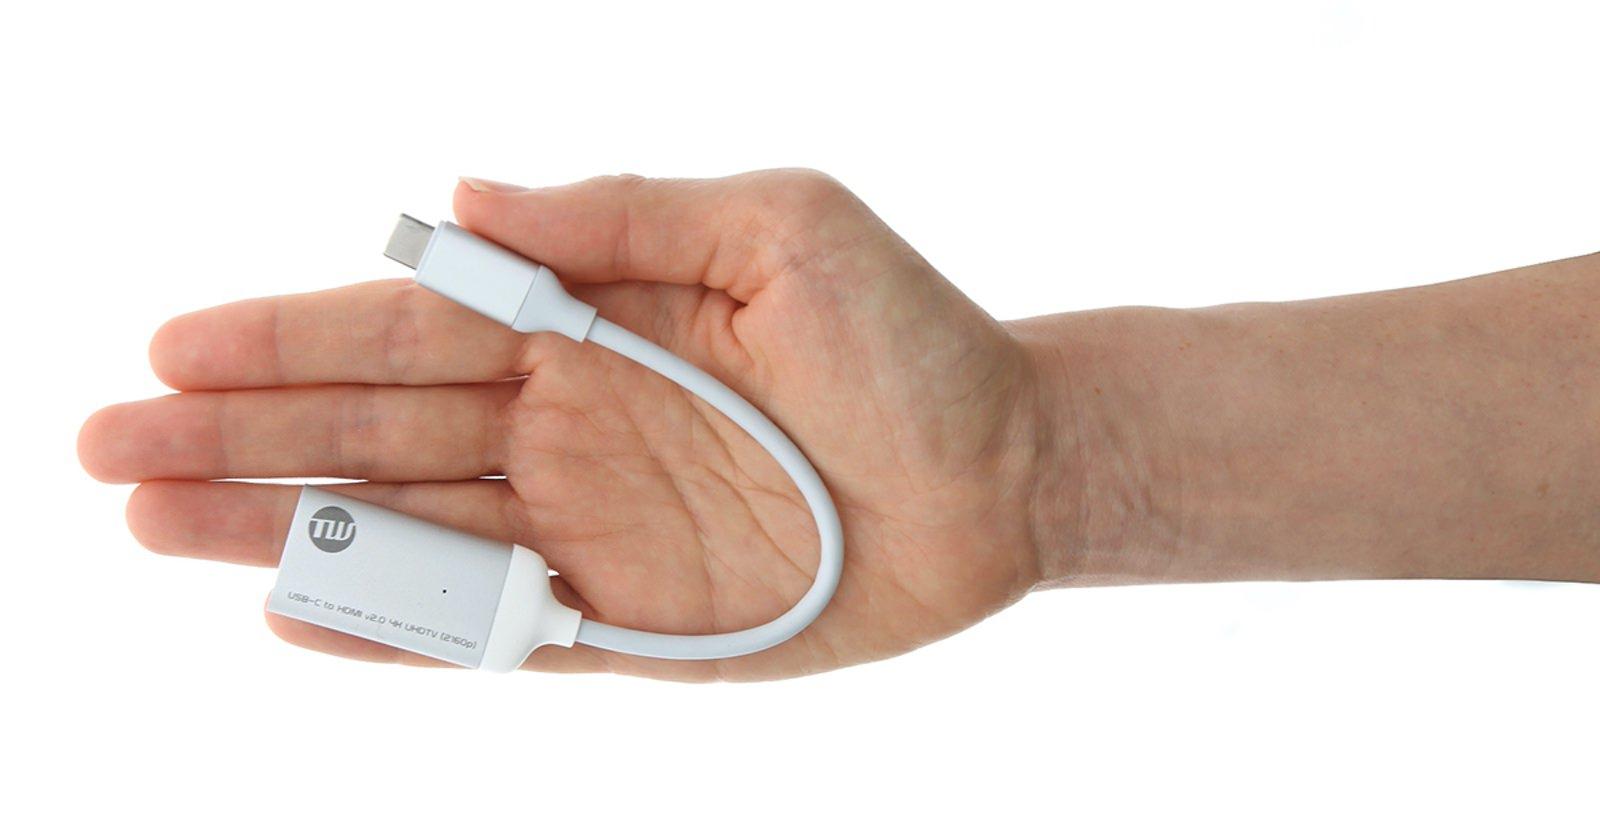 TUNWEAR-USBC-to-HDMI-v2-4K-UHDTV-Adaptor-08.jpg